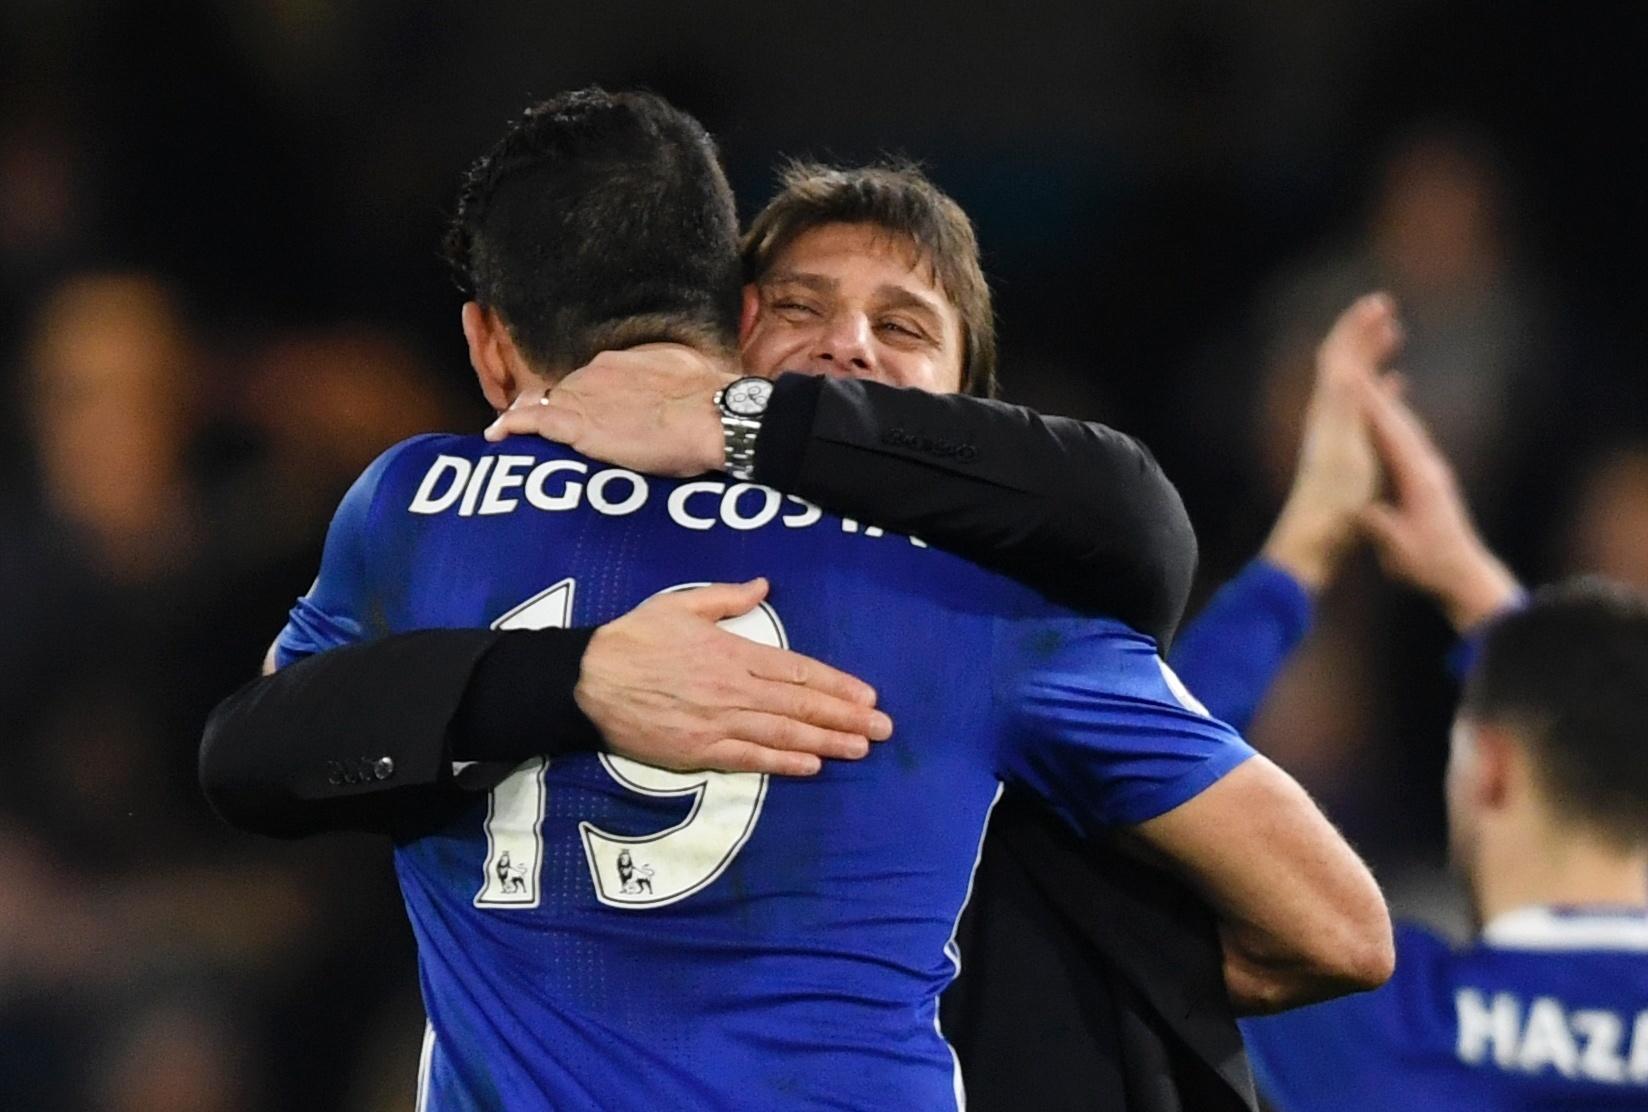 Conte diz que Diego Costa ama o Chelsea e confia em permanência -  10 02 2017 - UOL Esporte f2e5966a55a13